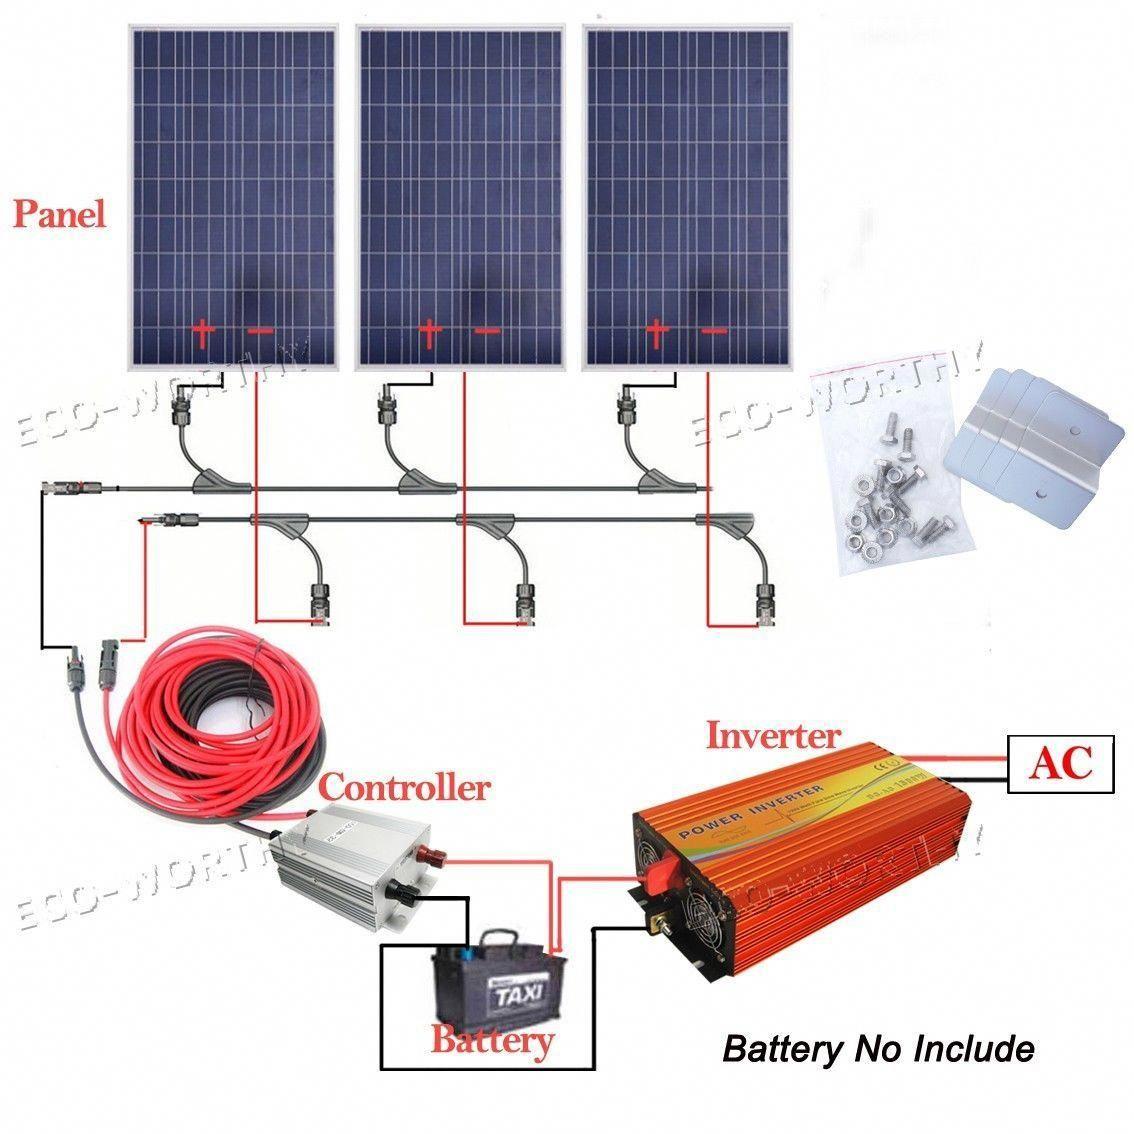 200w 300w 400w 800w Off Grid System 100w Solar Panel W 1kw 1500w 3000w Inverter In Home Garden Home Solar Energy Panels Best Solar Panels Solar Panel Kits